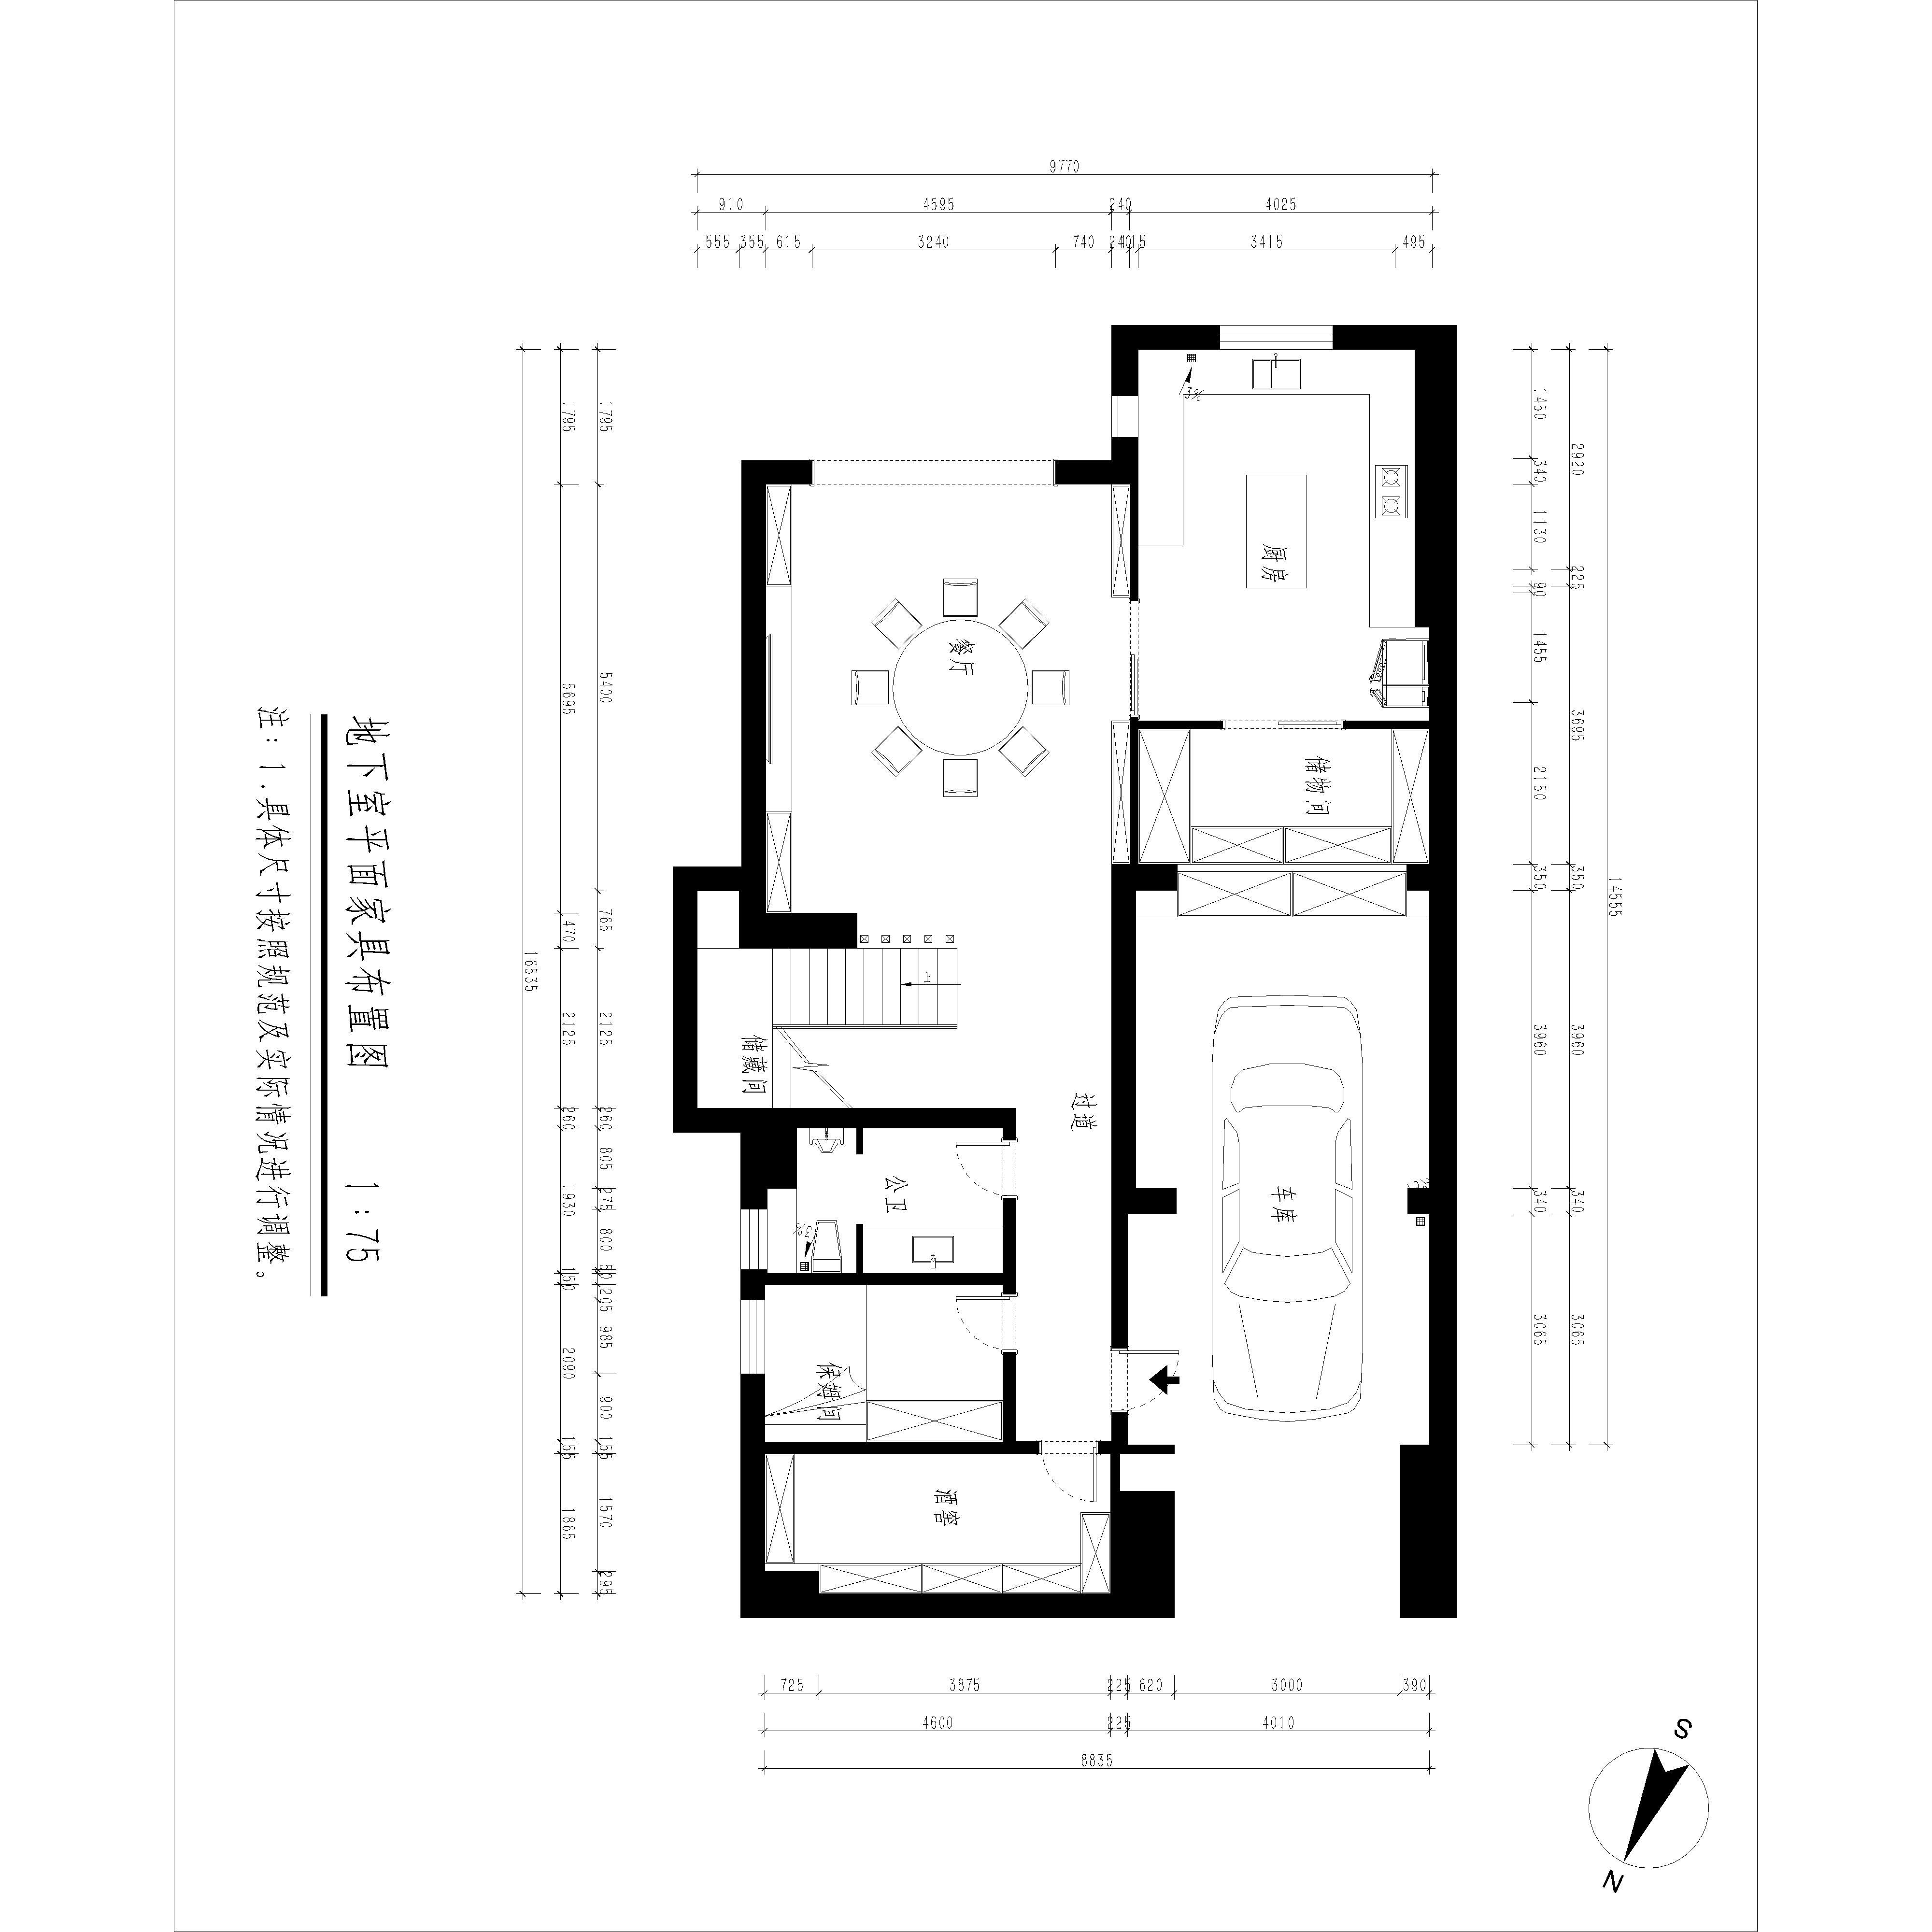 上海维诗凯亚花园别墅 460㎡新中式风格装修案列效果图装修设计理念